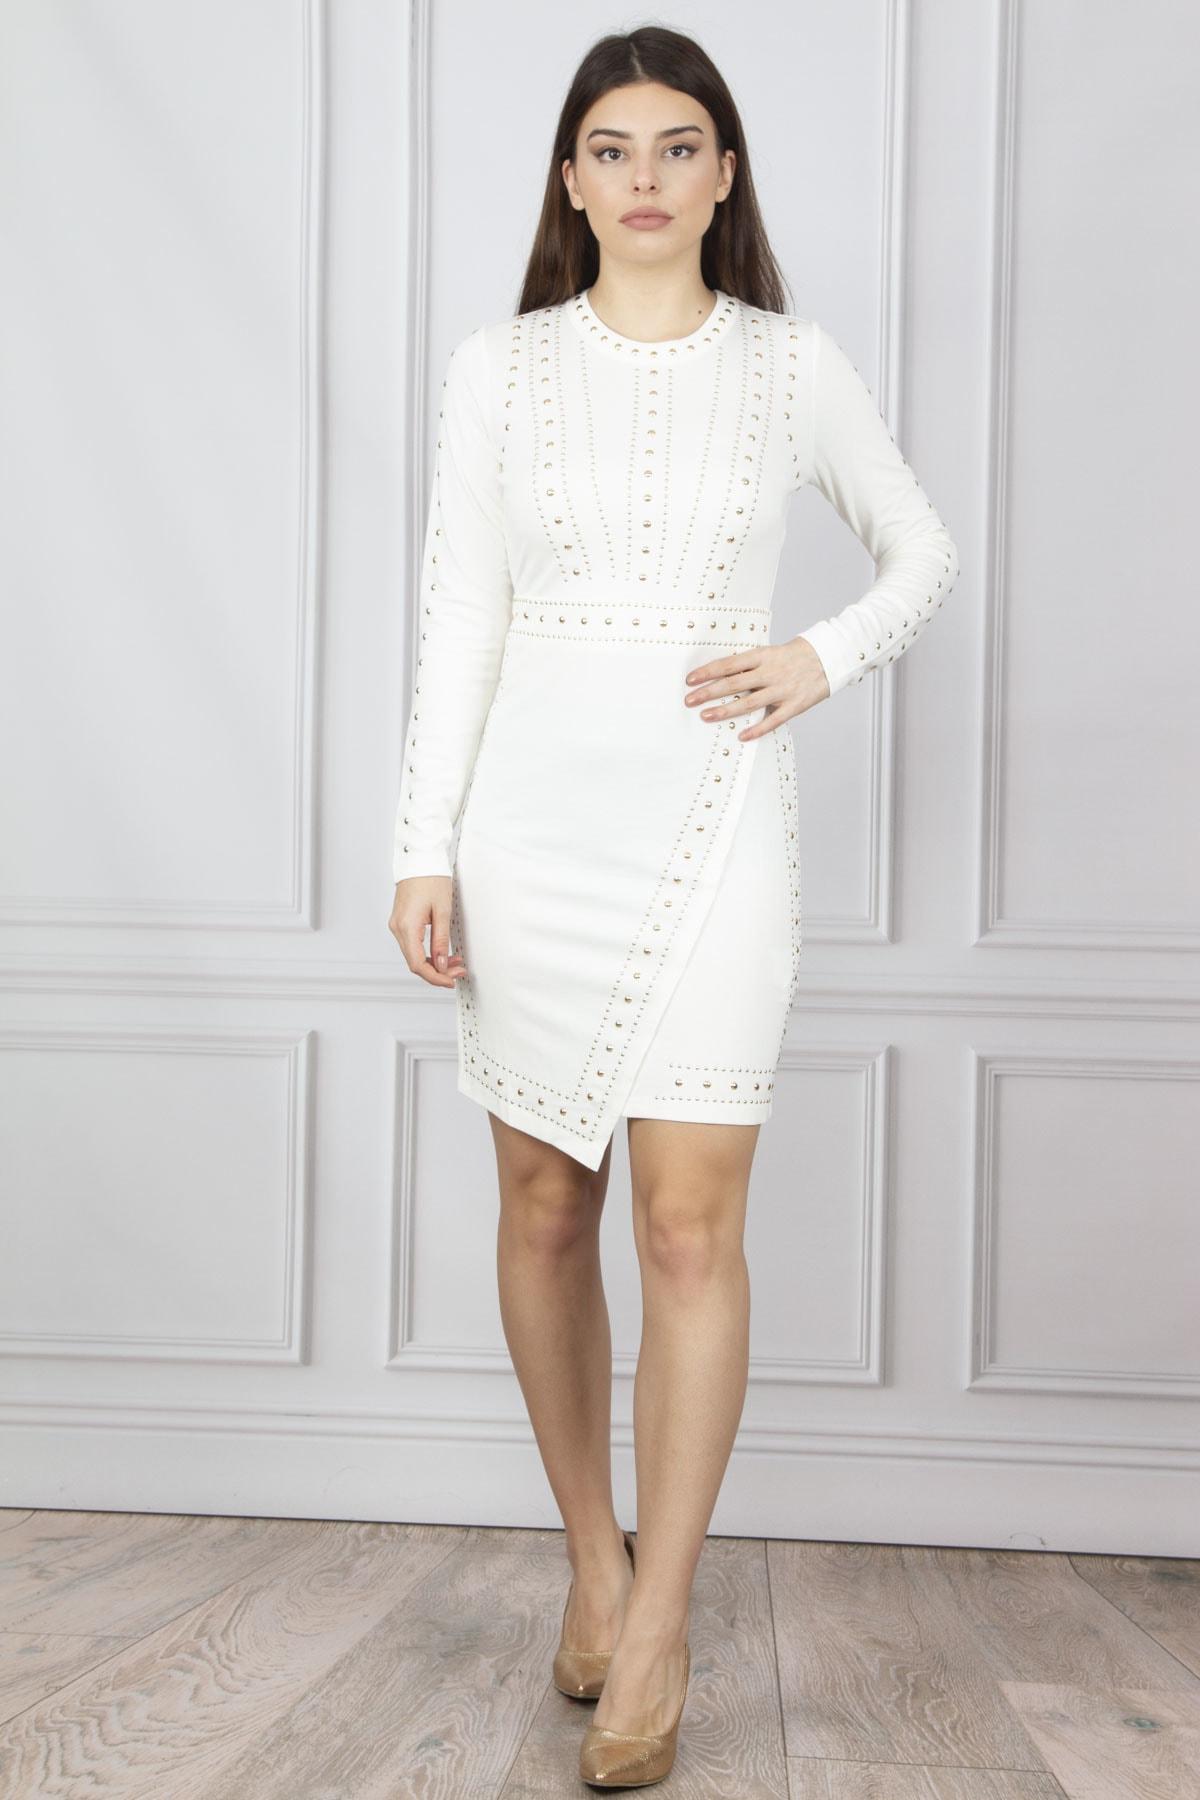 Şans Kadın Kemik Ön Ve Kollar Taş İşli Elbise 26N8233